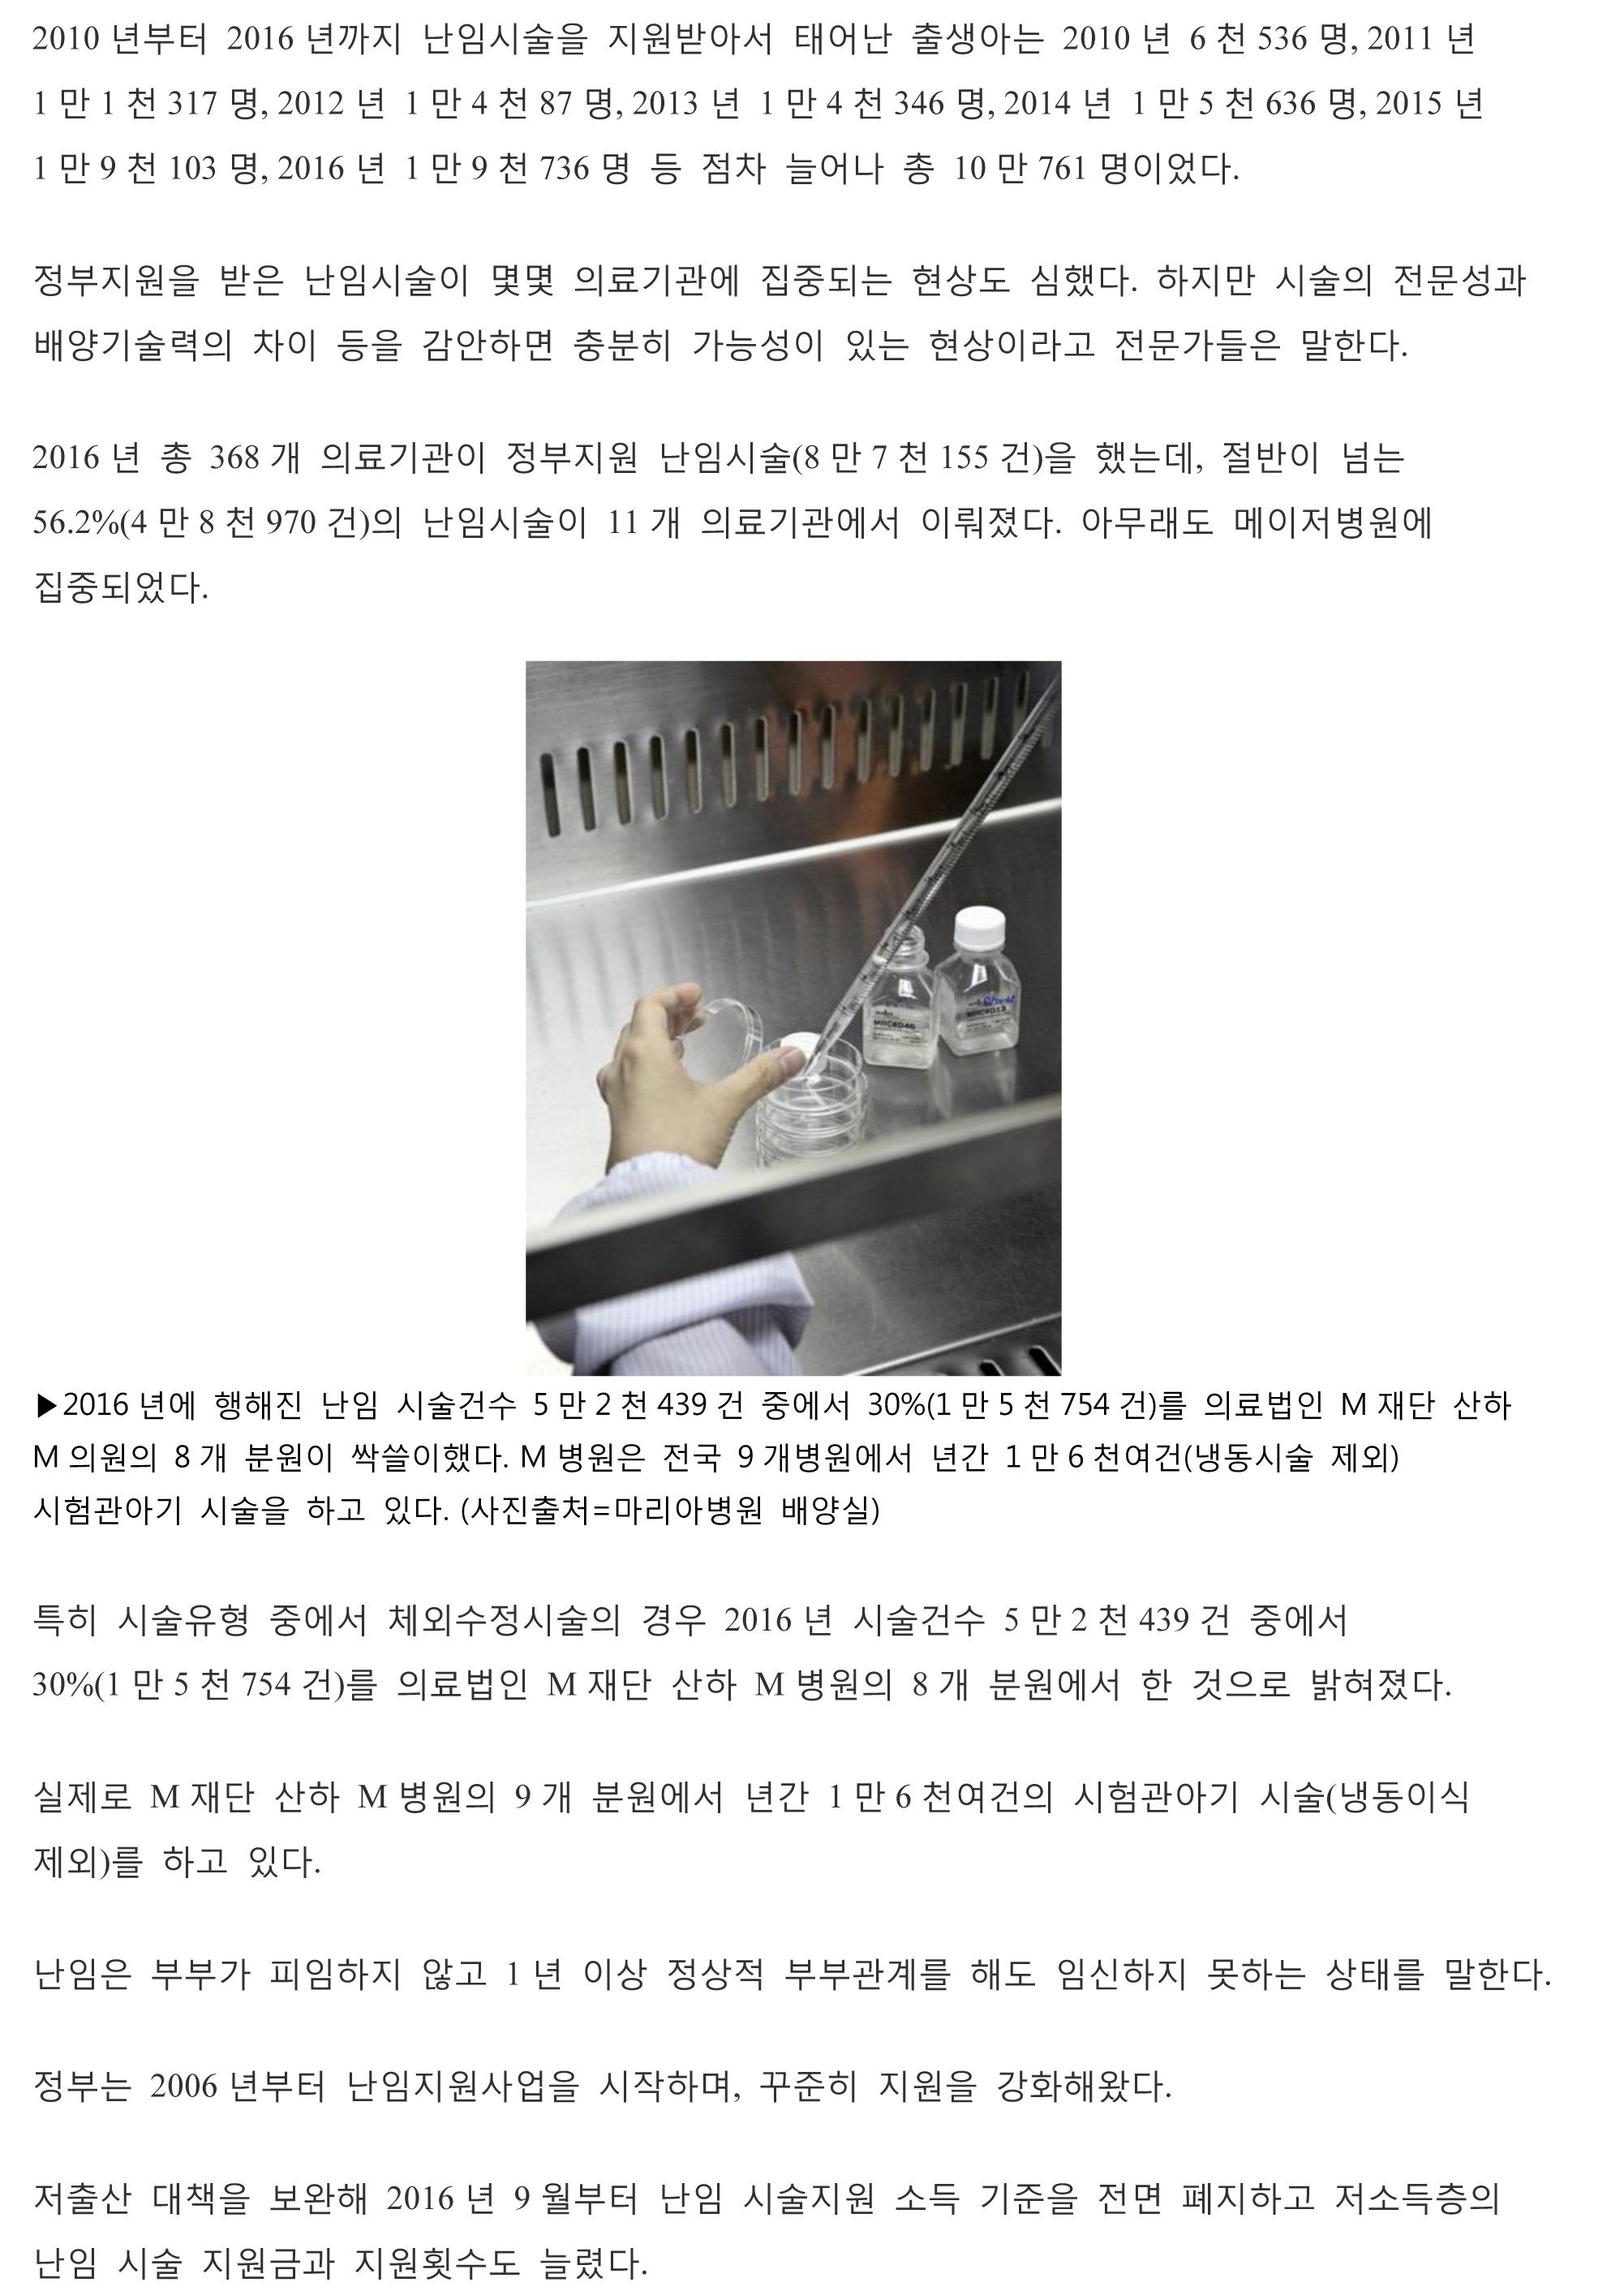 170831(한국의 난임시술 30%는 마리아병원)-2.jpg